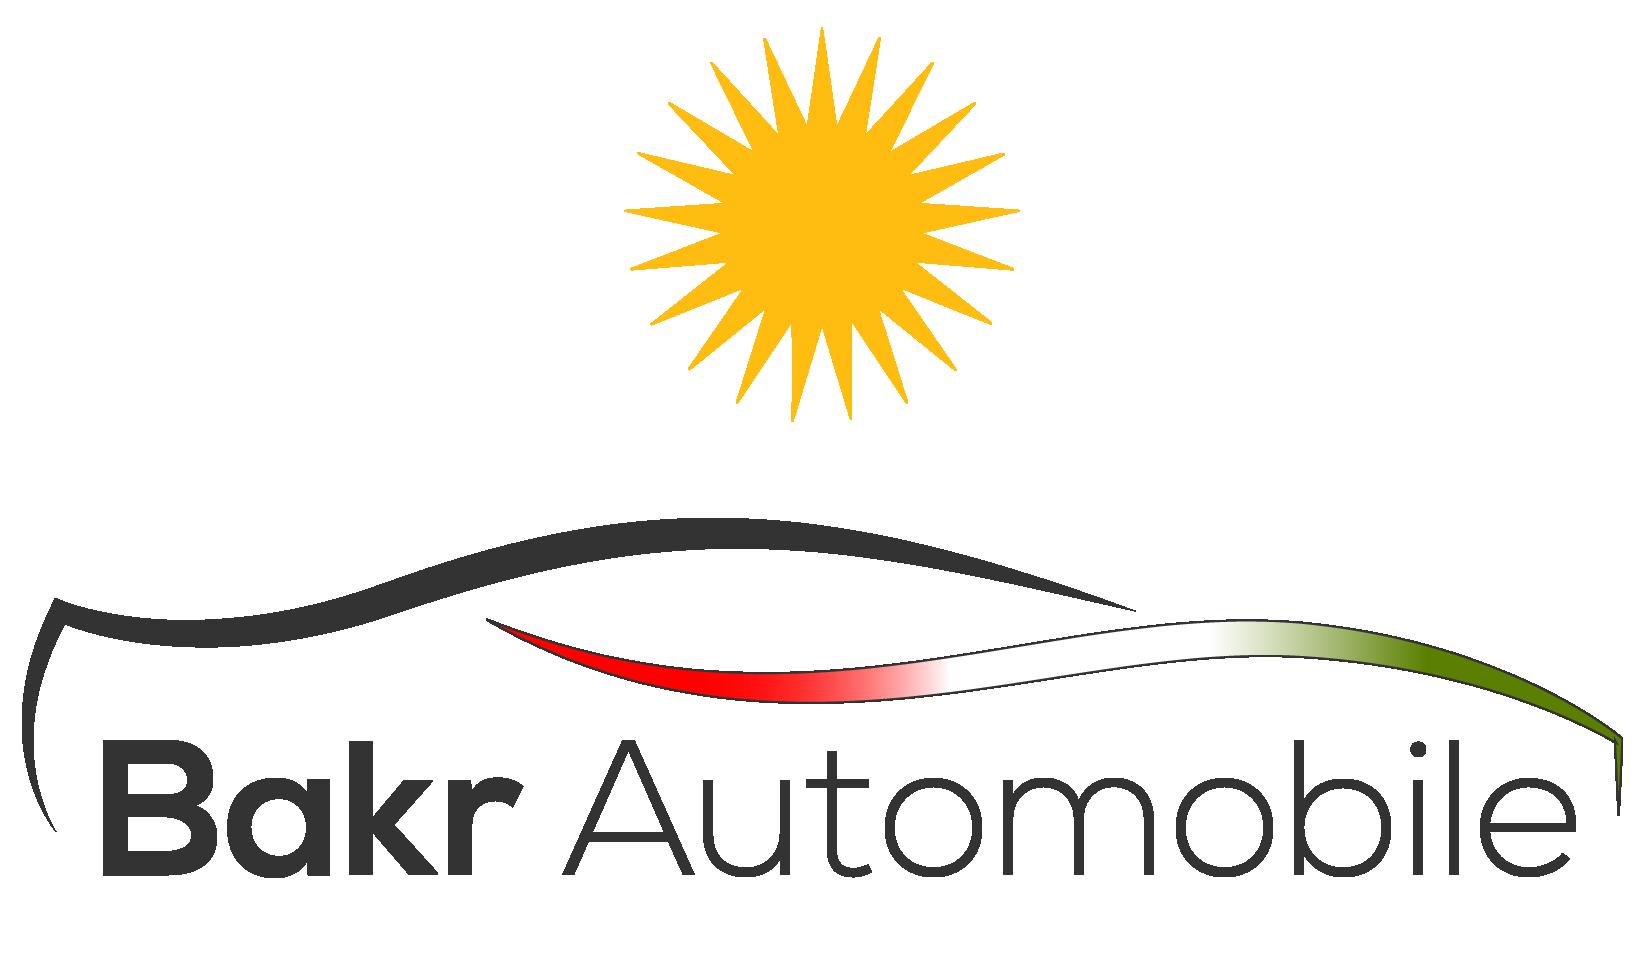 Bakr Automobile